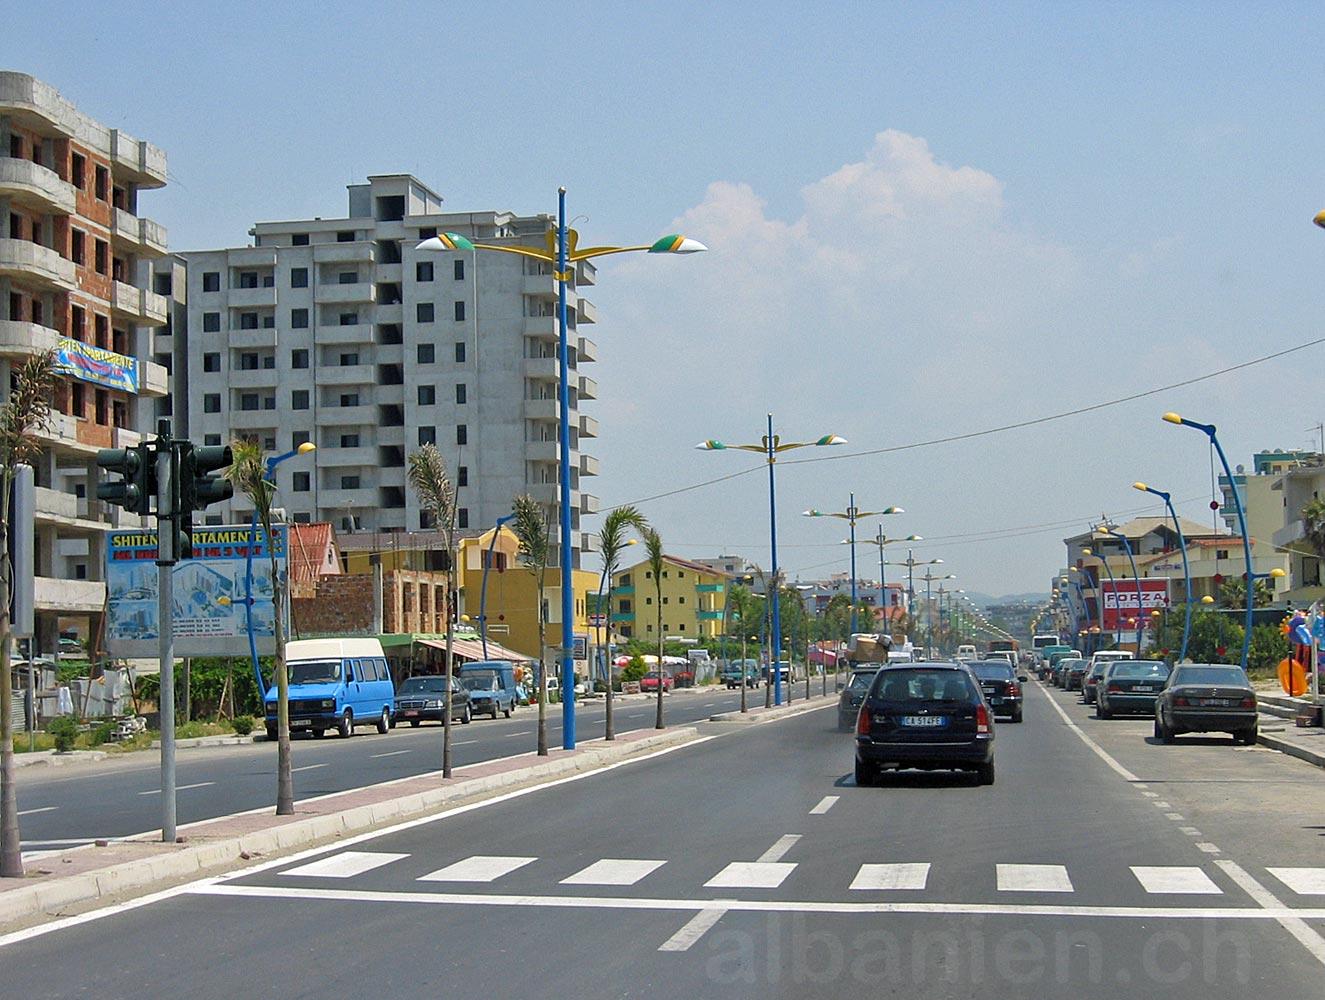 Durrës Plazh